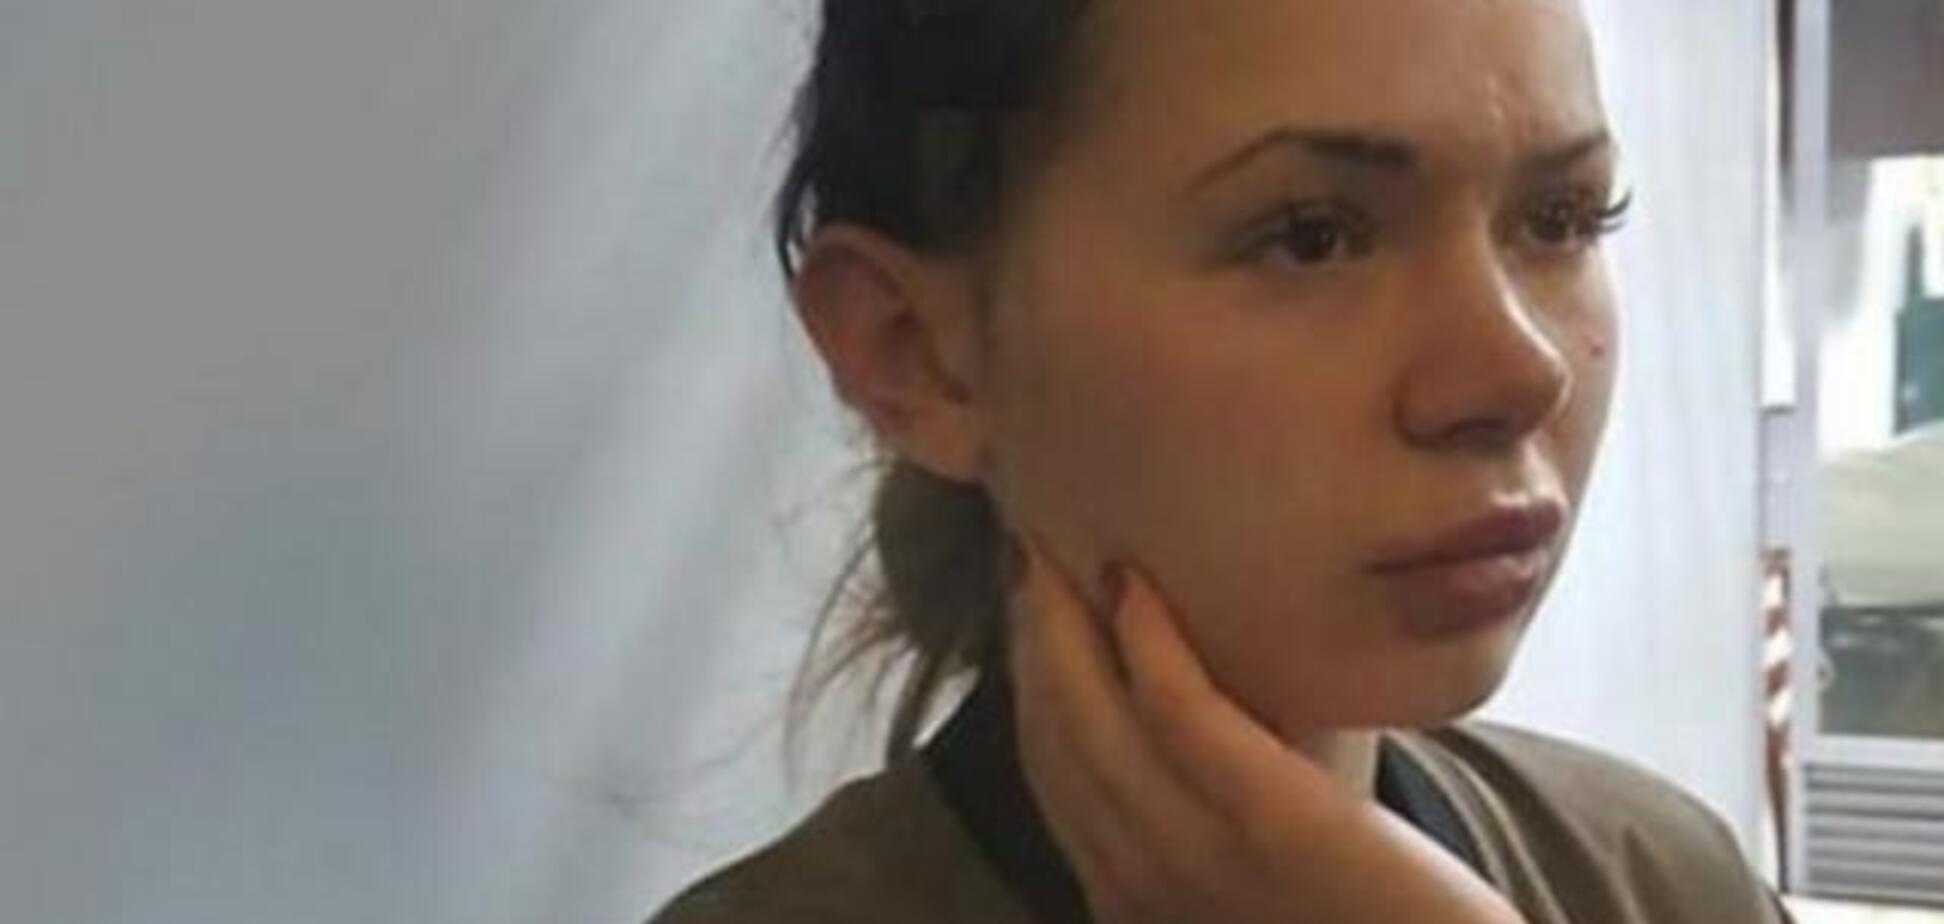 ДТП в Харькове: появился новый скандальный нюанс о Зайцевой